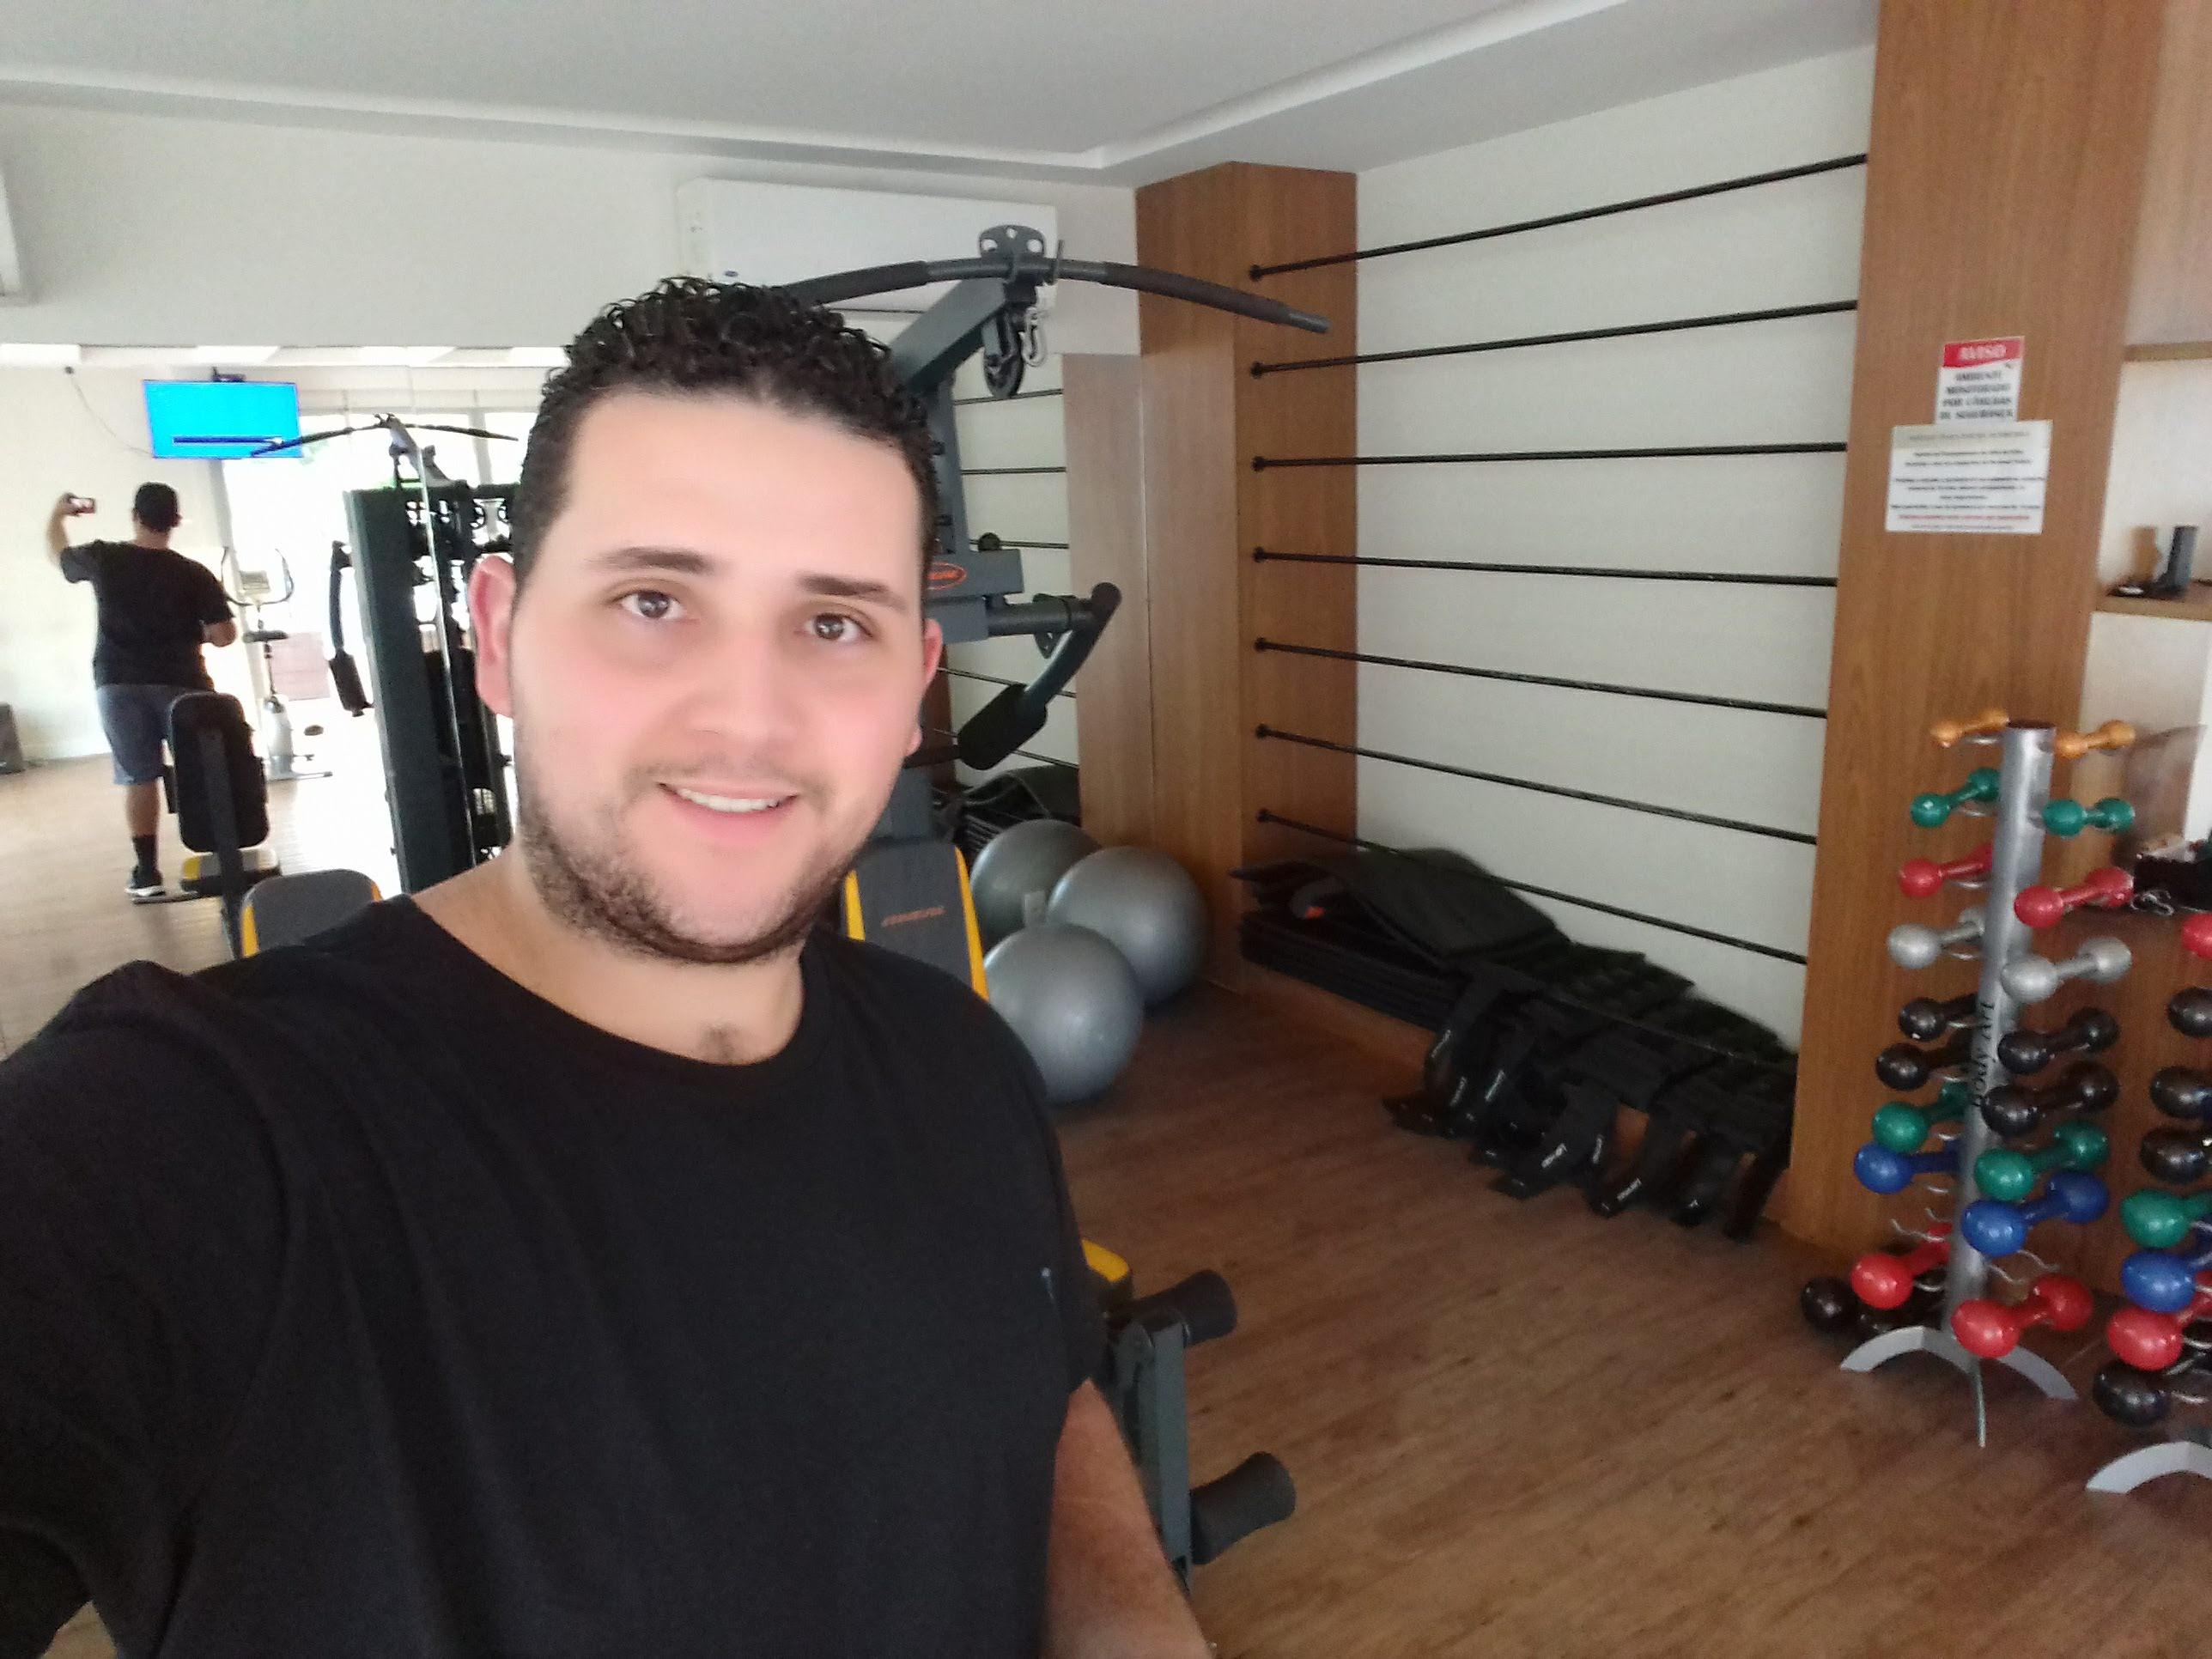 Personal Trainer Carlos Vinicius